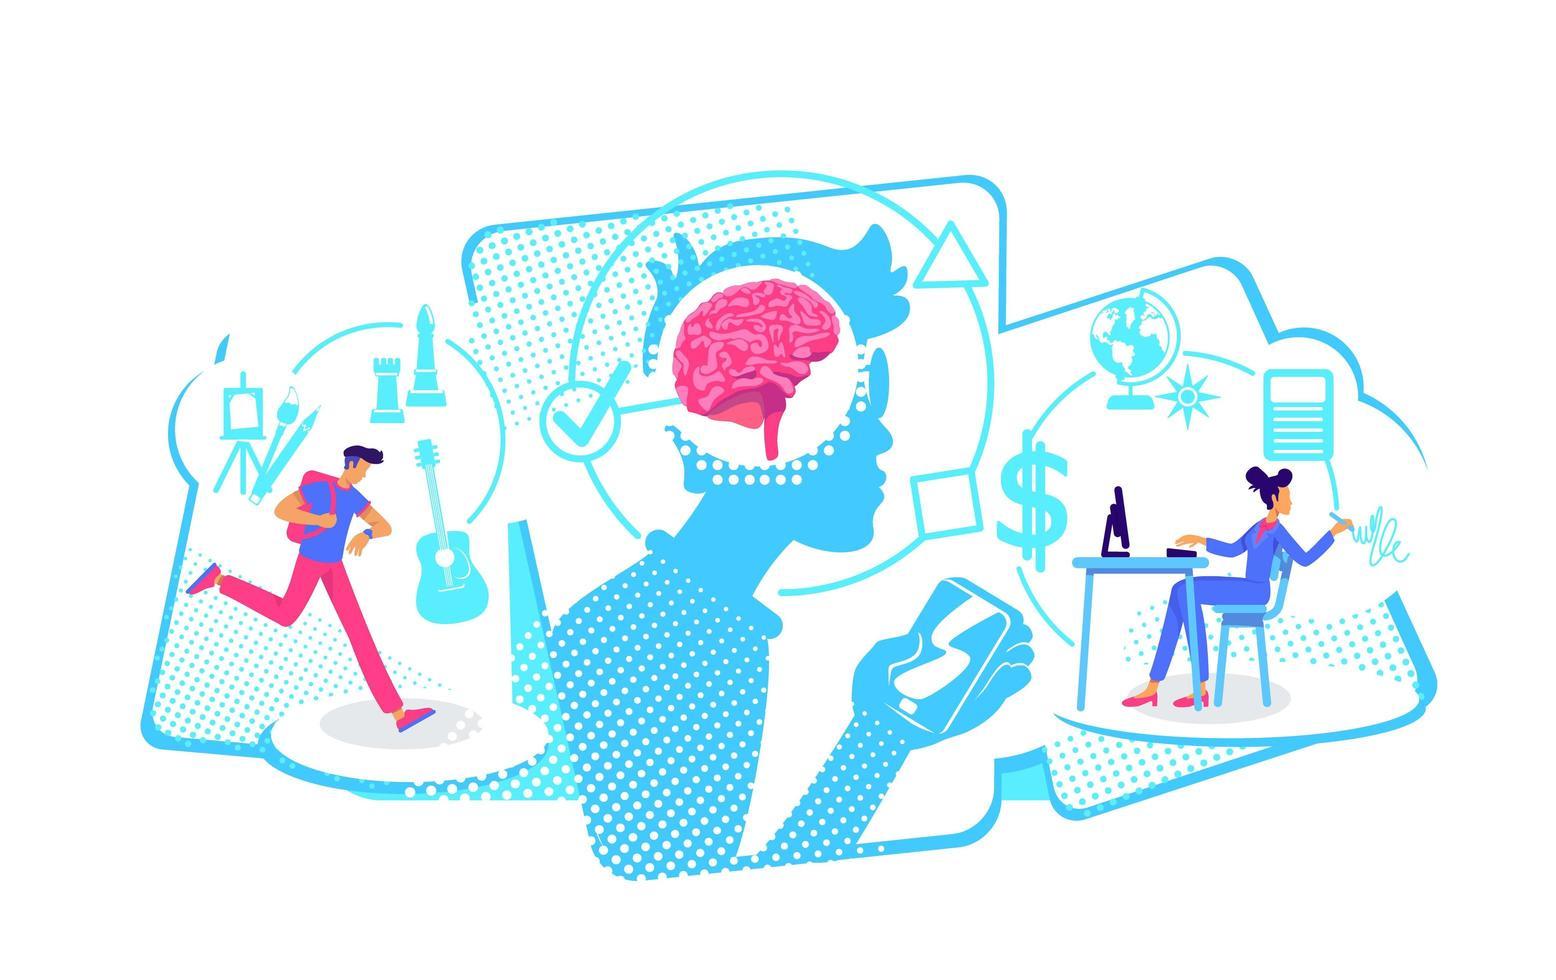 façons de penser multitâches vecteur